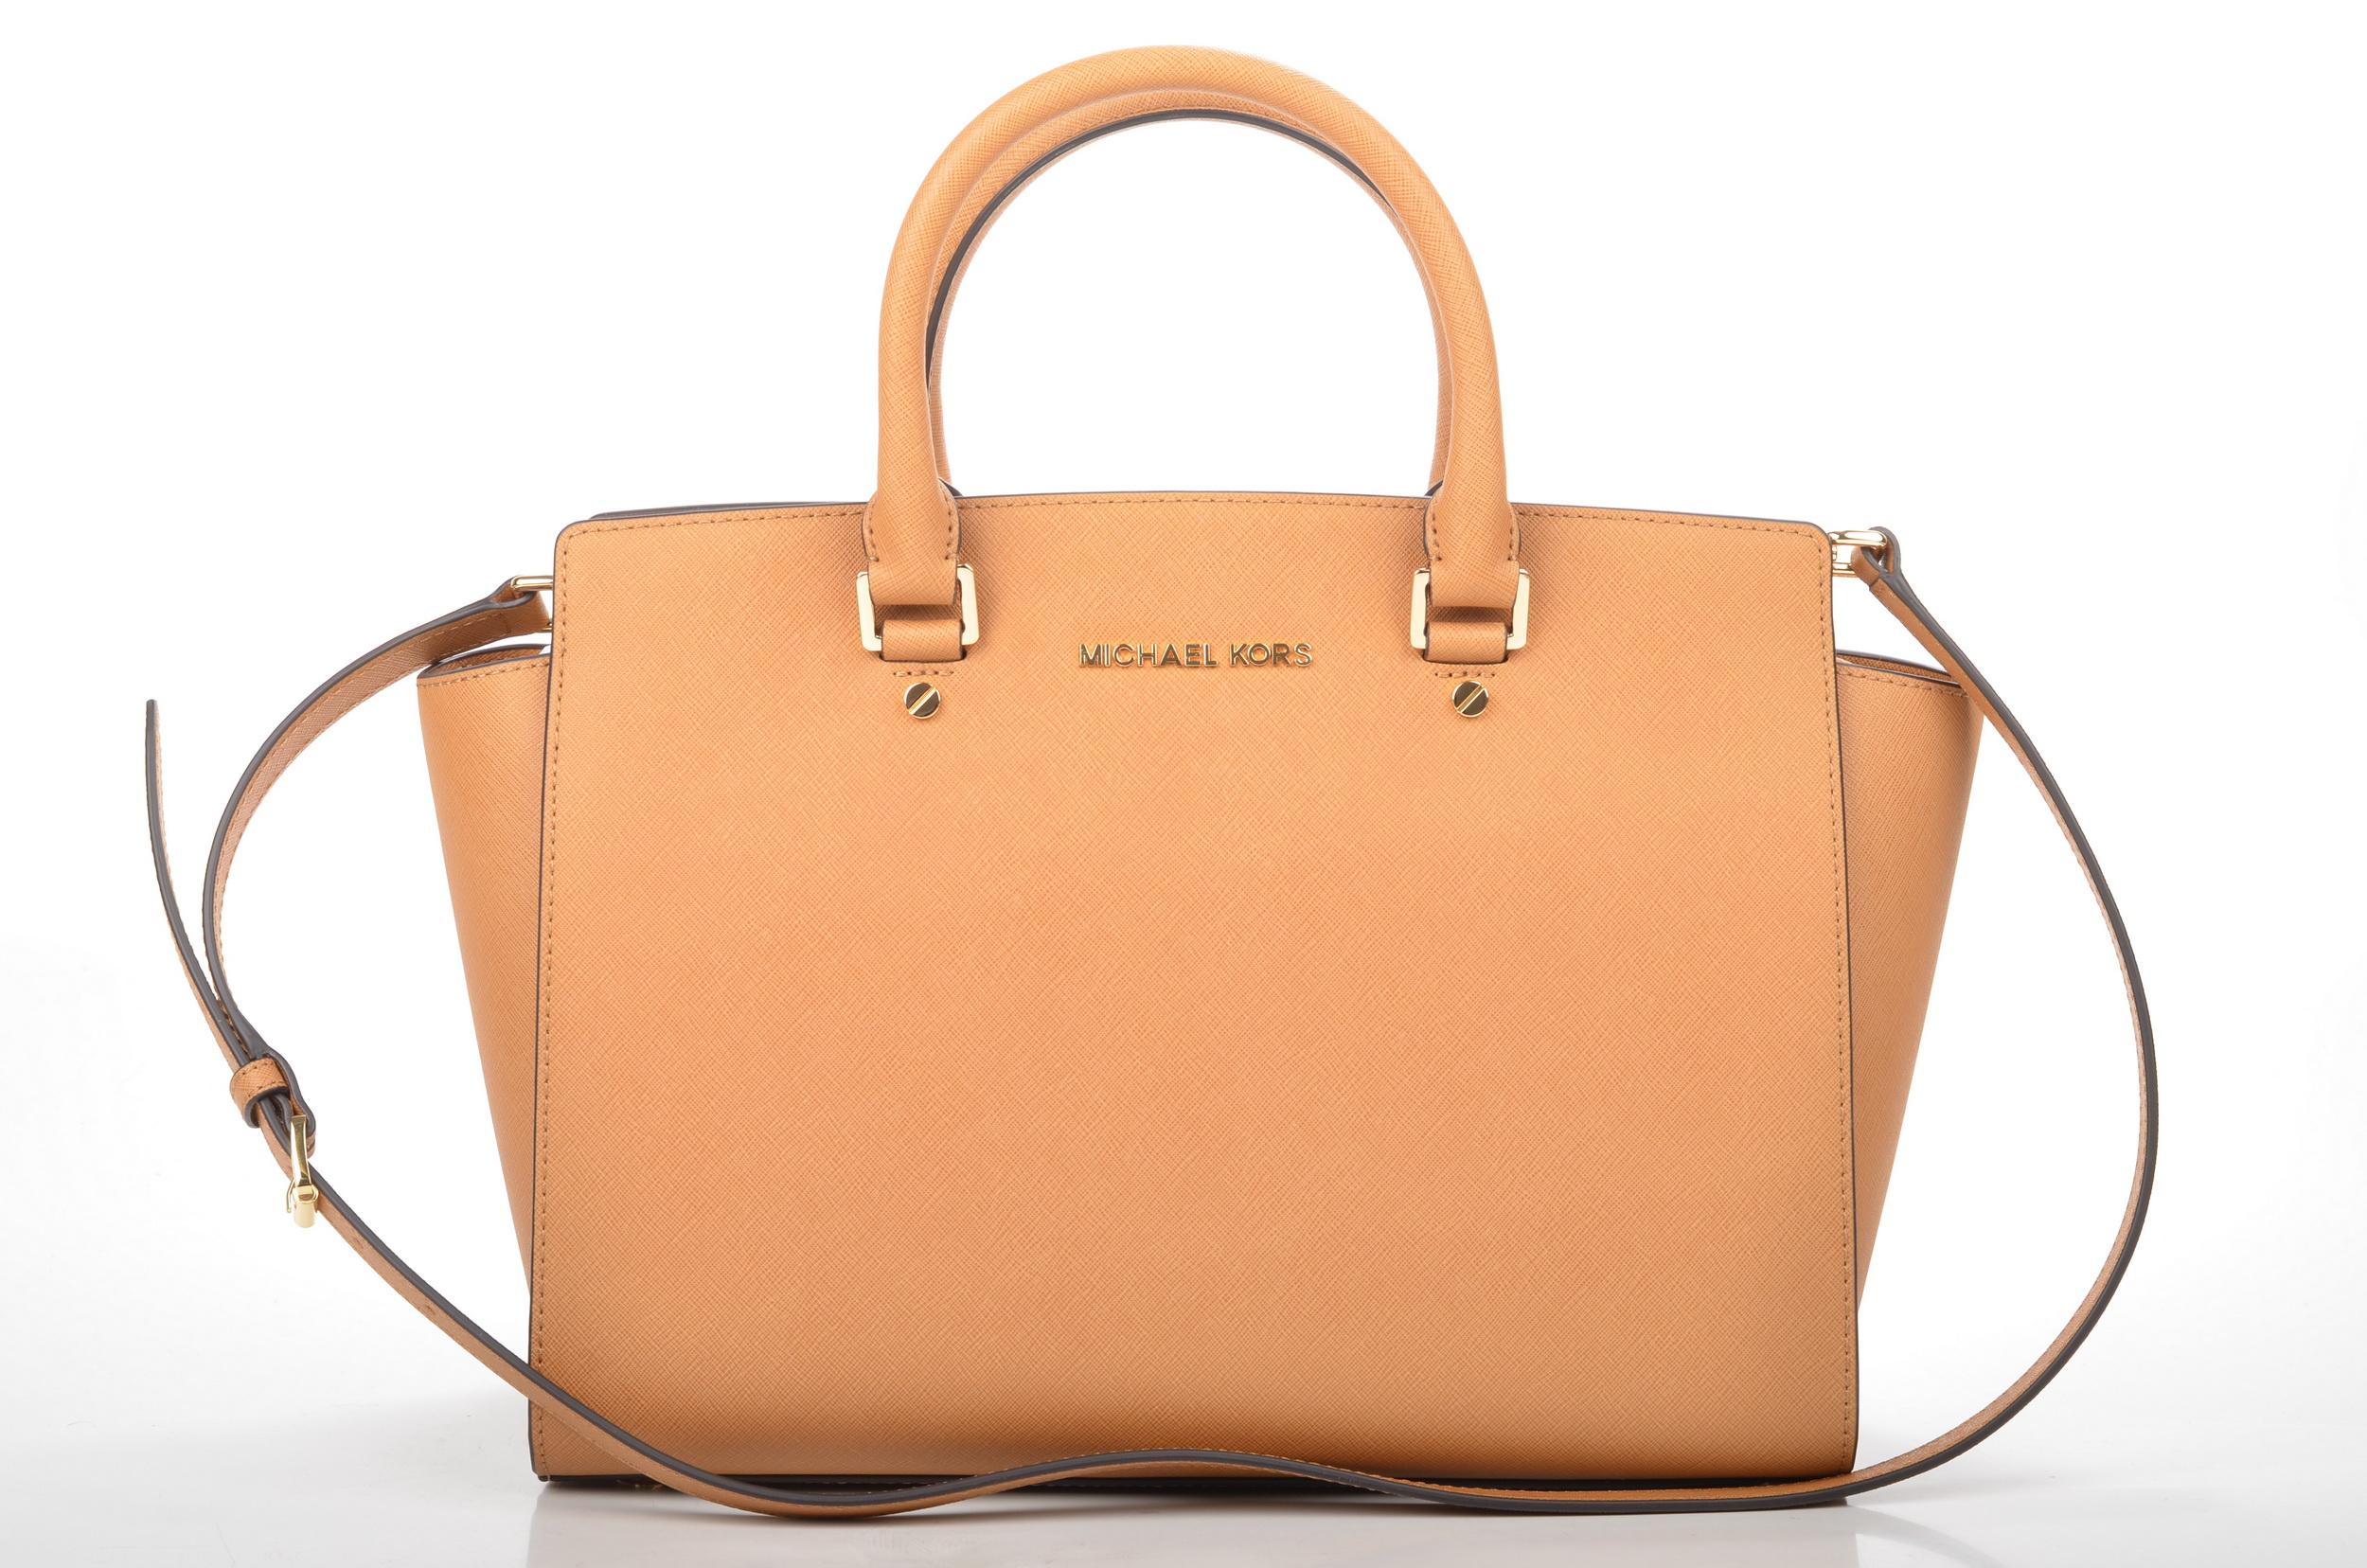 michael kors handtasche peach